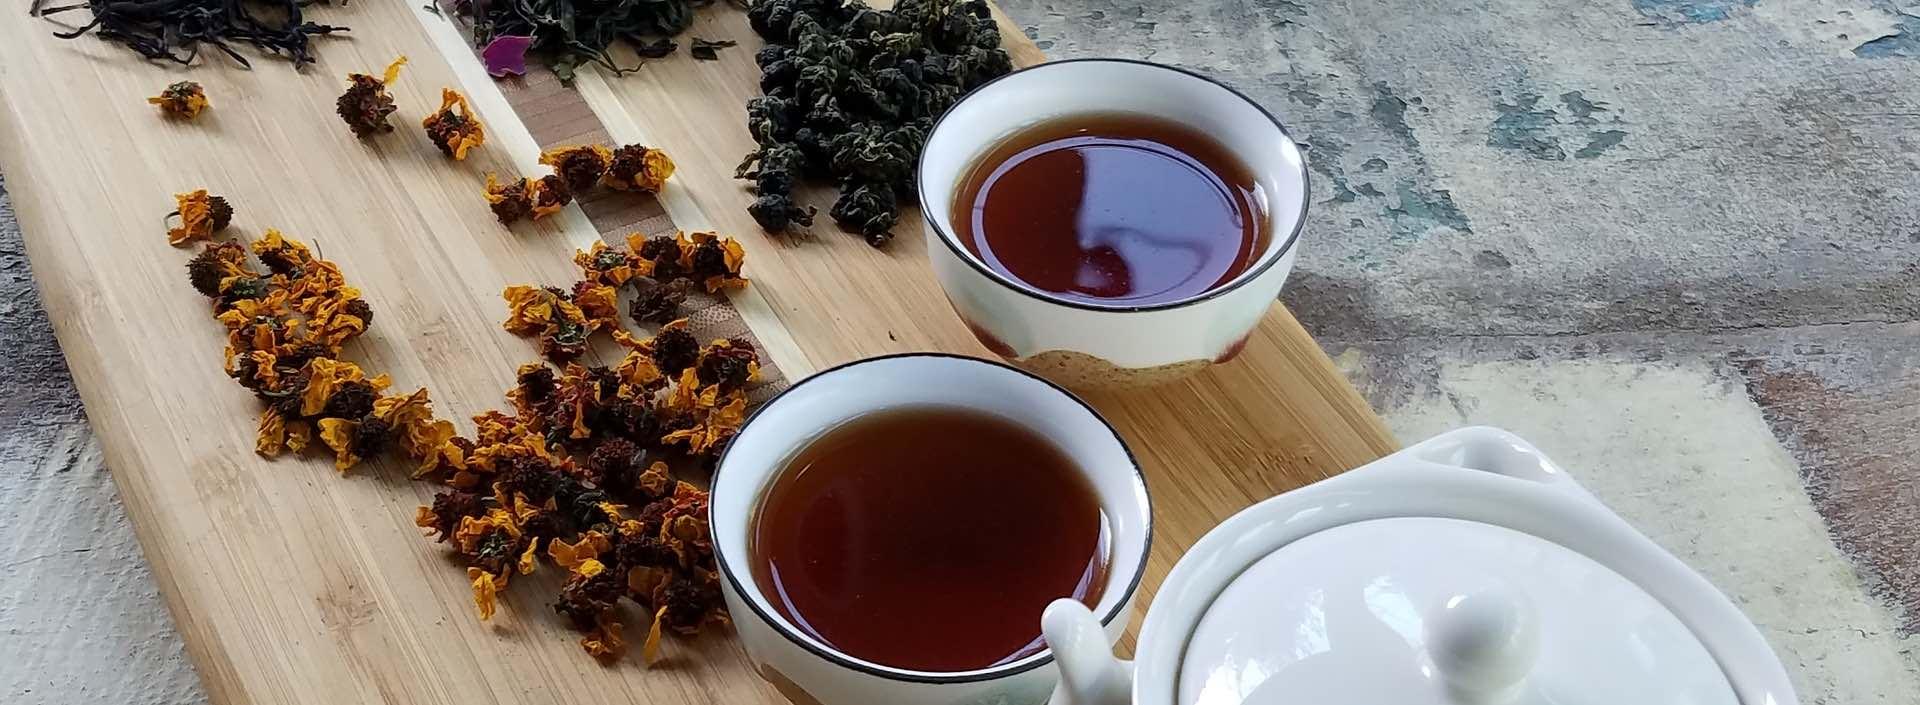 【名醫養生】周宗翰中醫師:這樣喝茶會「茶醉」⋯